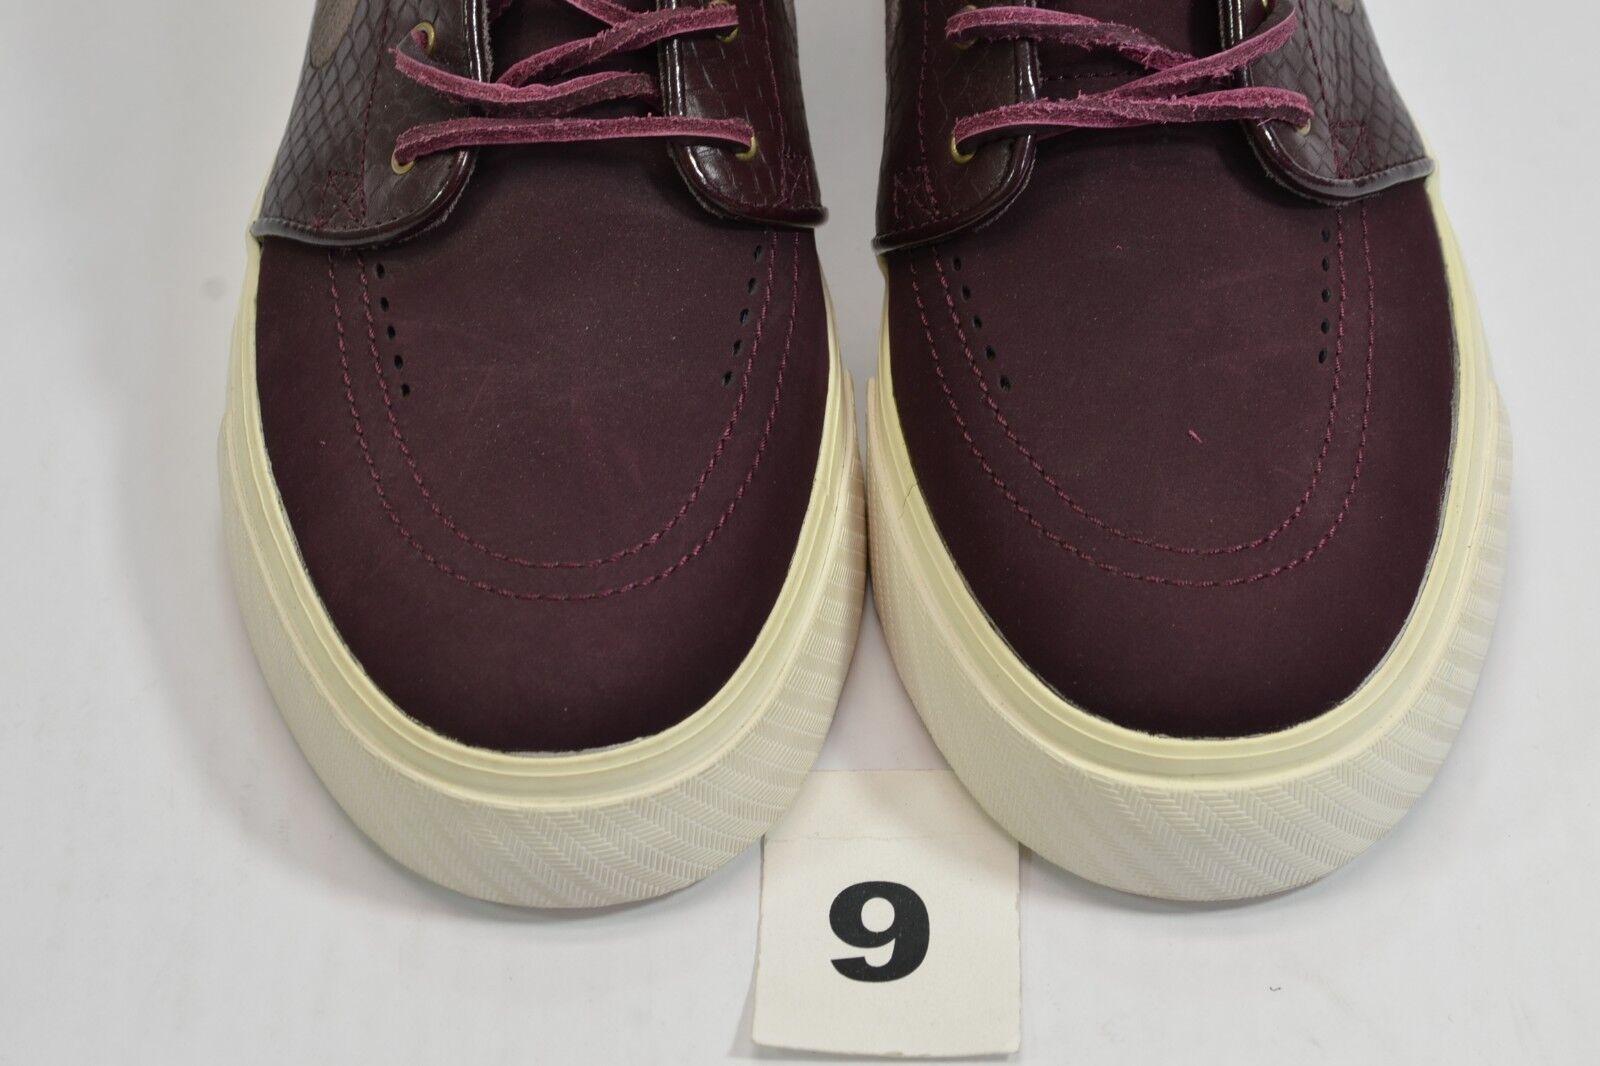 Nike zoom stefan janoski prem in borgogna violet uomo di vela d (456), scarpe da uomo violet 4aeb78